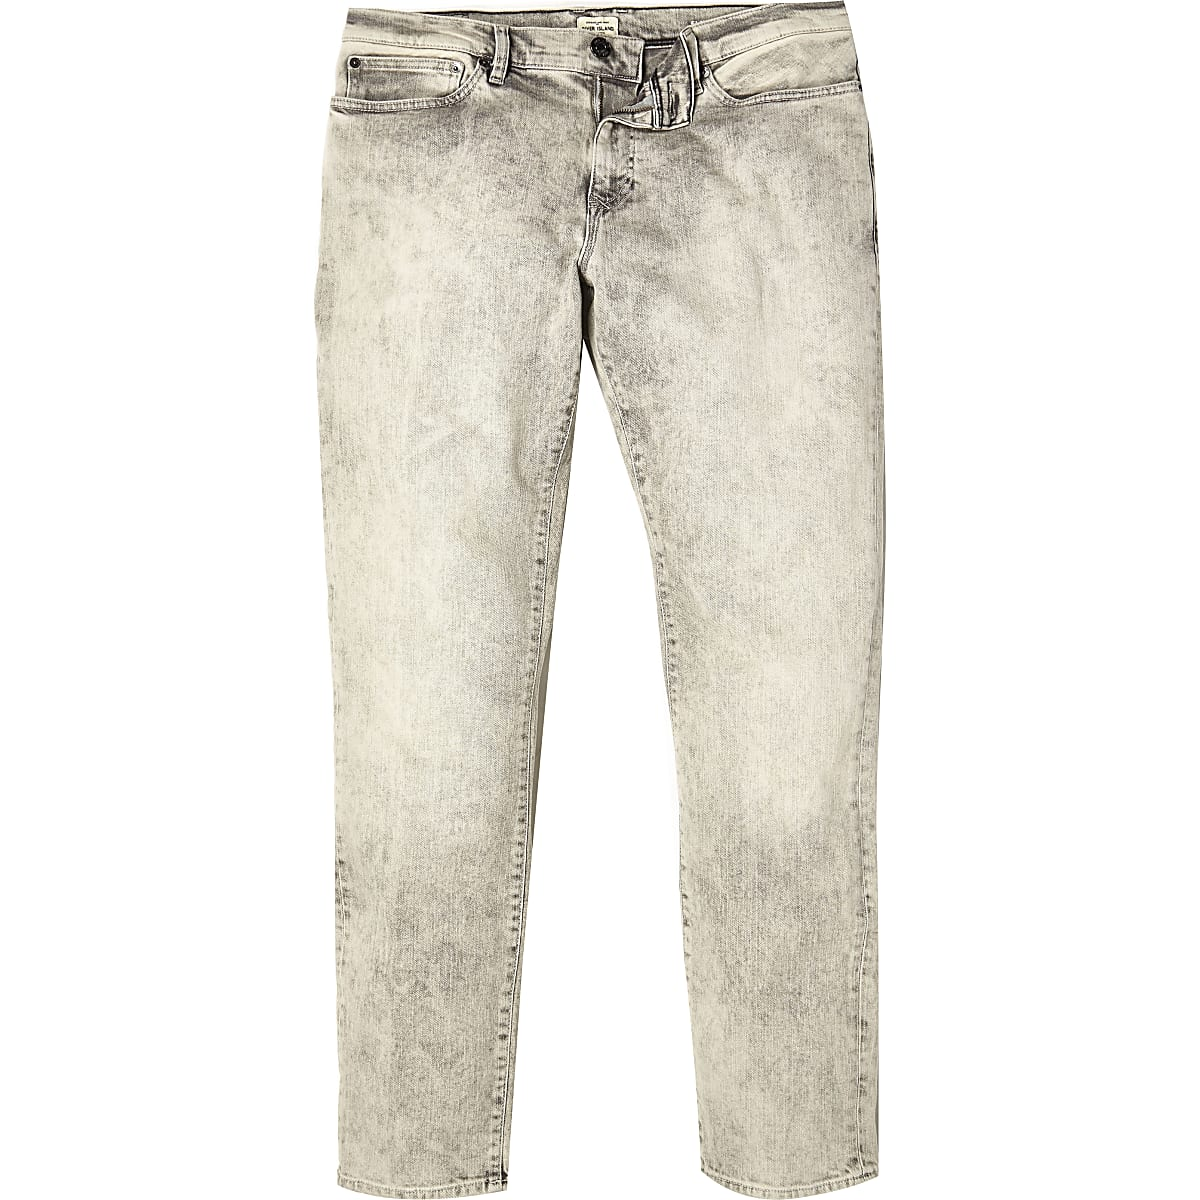 Mottled grey Dylan slim jeans